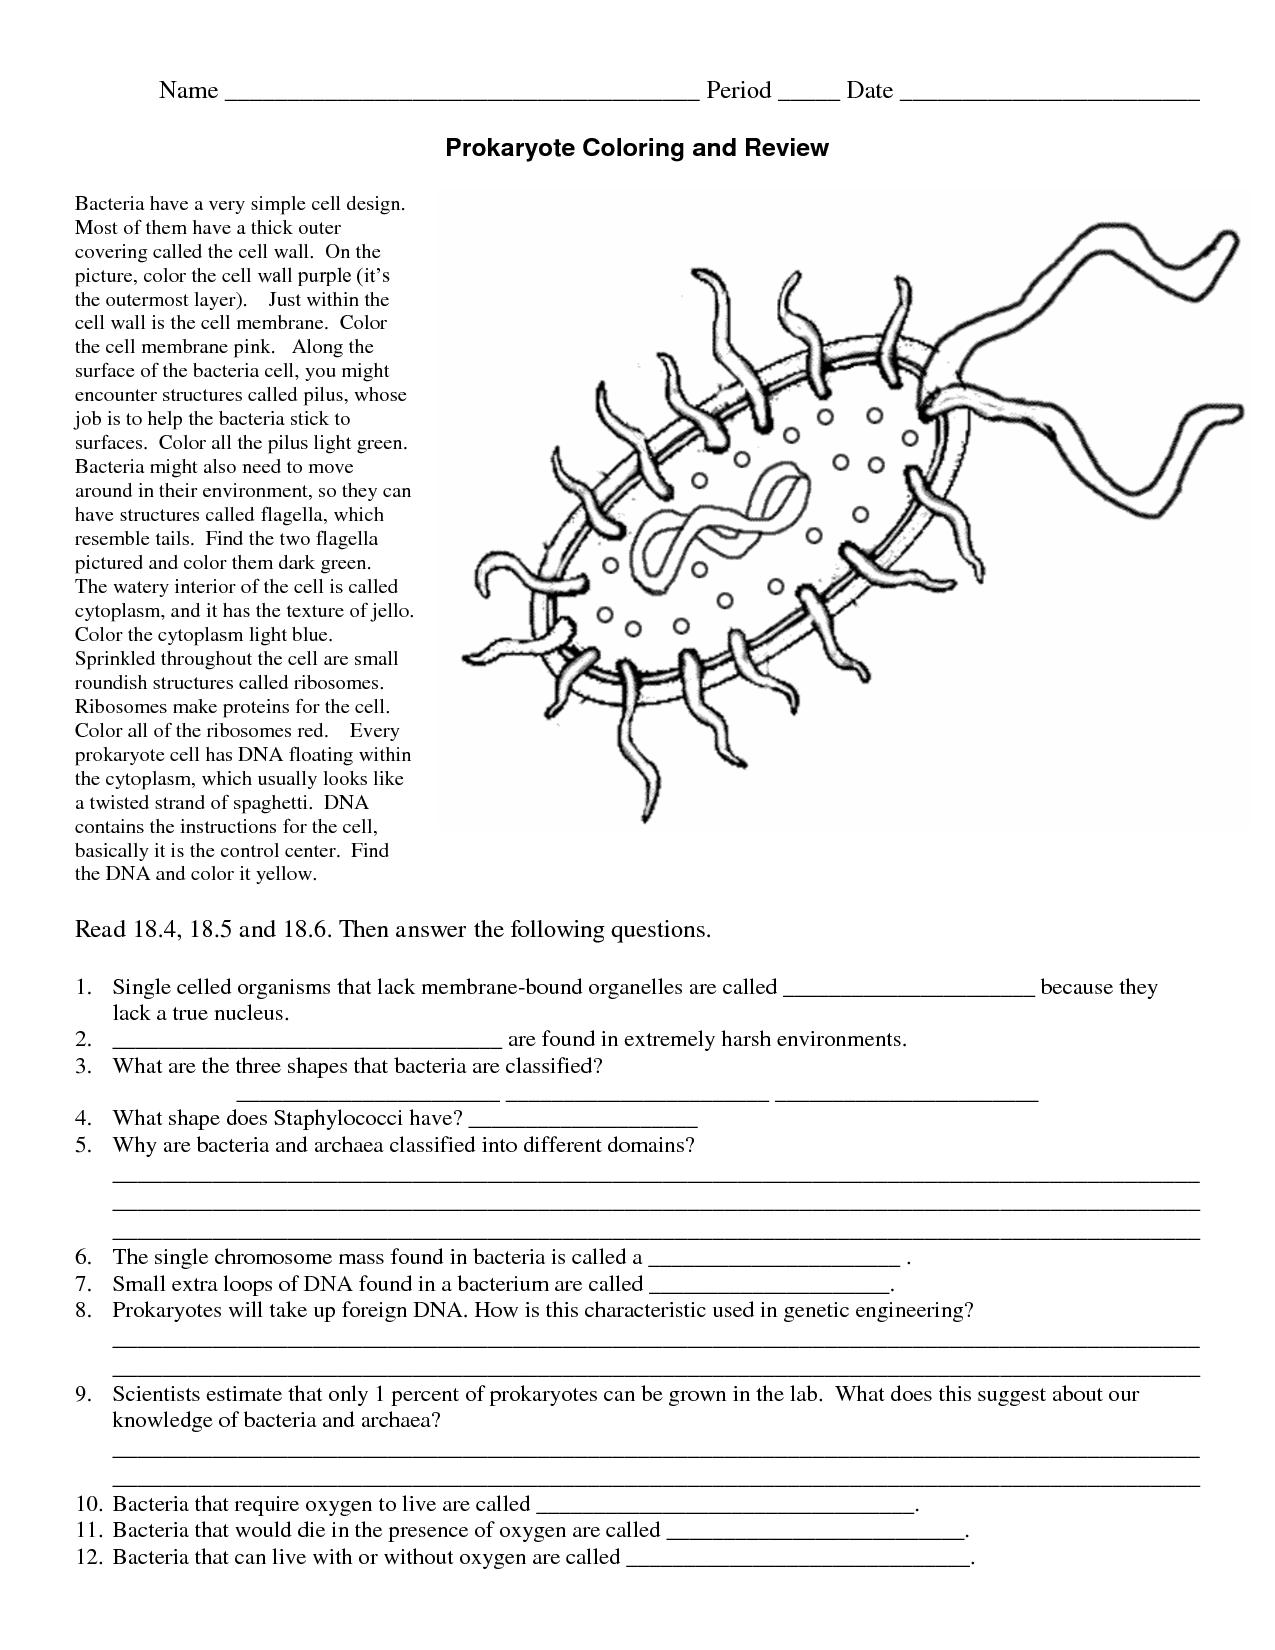 Prokaryotic Vs Eukaryotic Clip Art